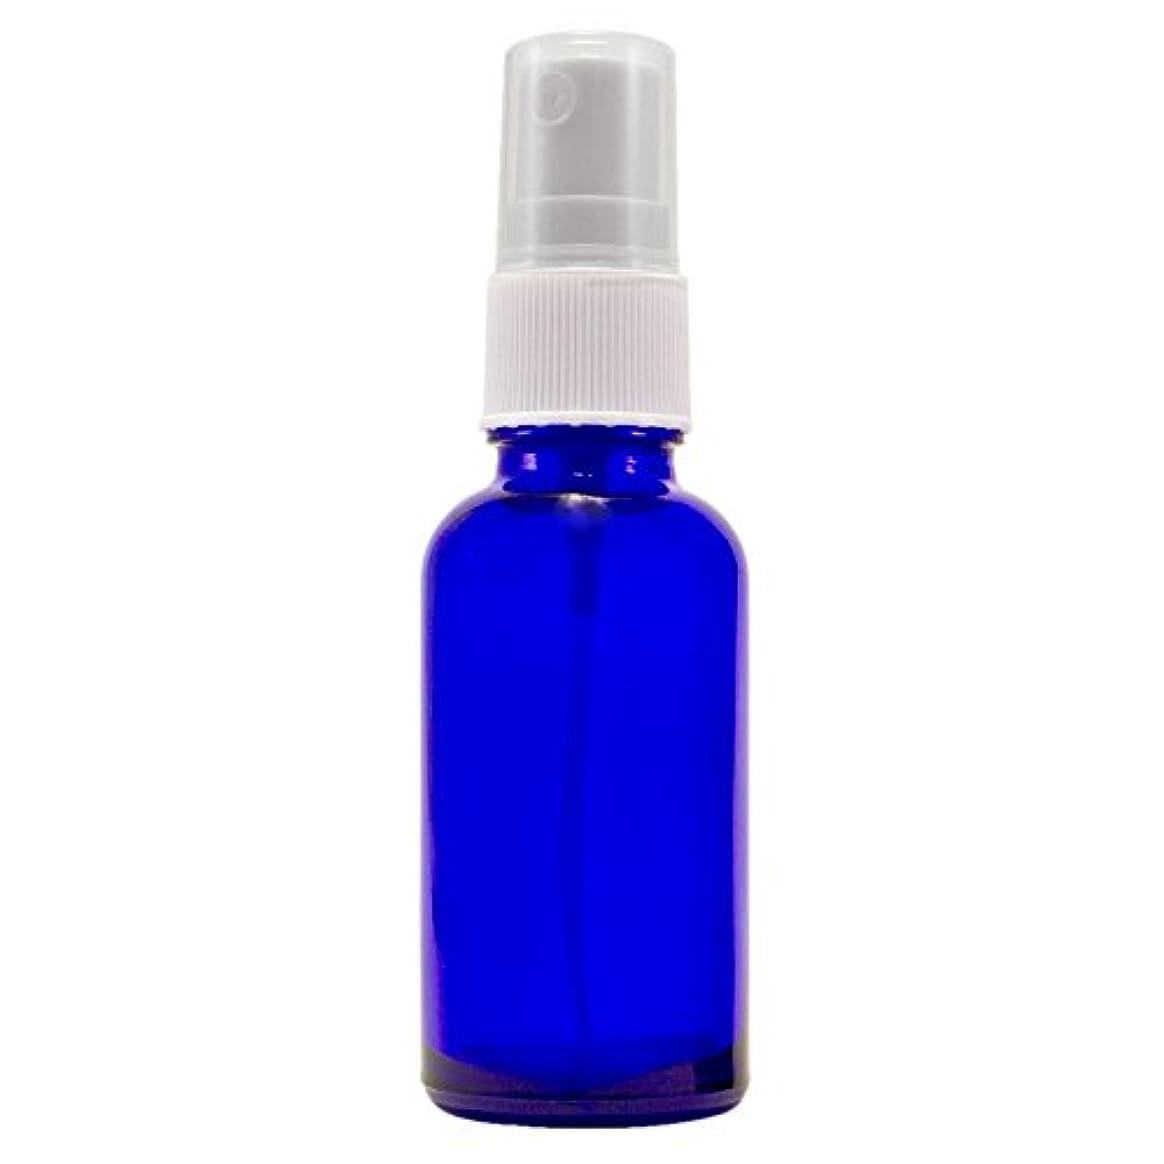 スクレーパー挨拶するガイドWyndmere Naturals - Glass Bottle W/mist Sprayer 4oz, 1 Bottles (1) by Wyndmere Naturals